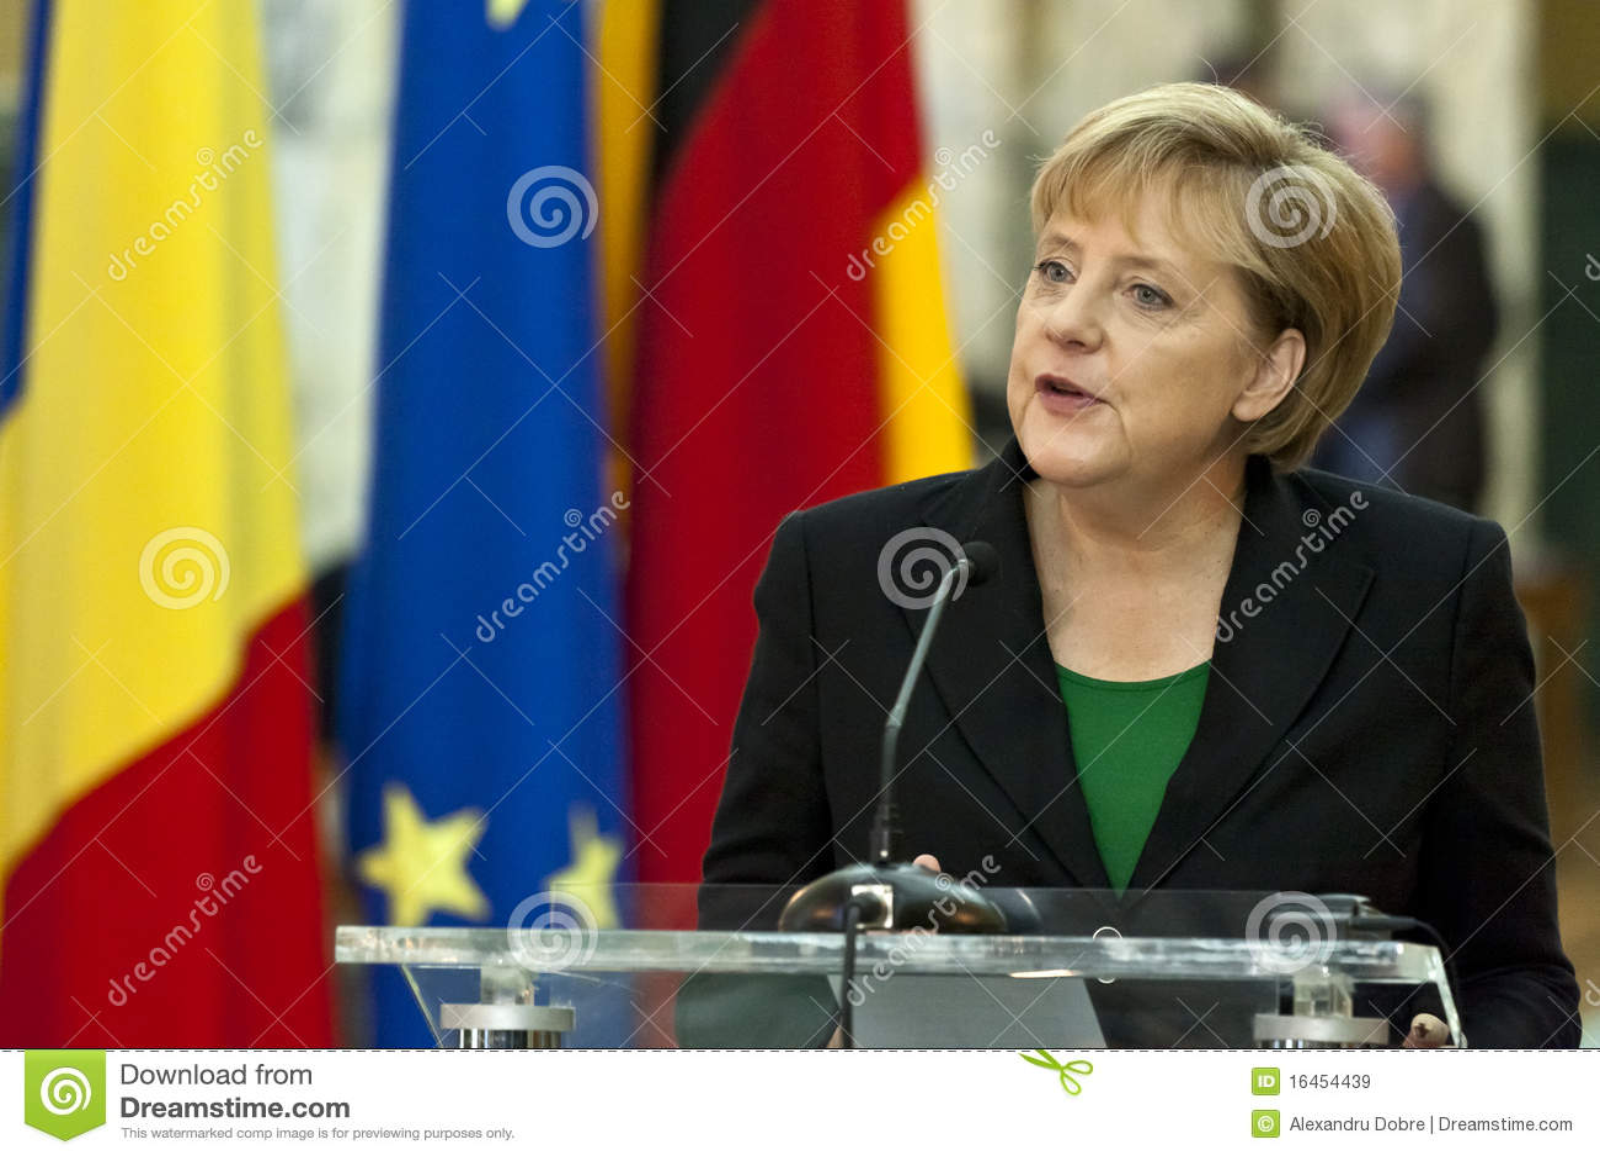 Emilio Boc y Angela Merkel en el palacio de Victoria